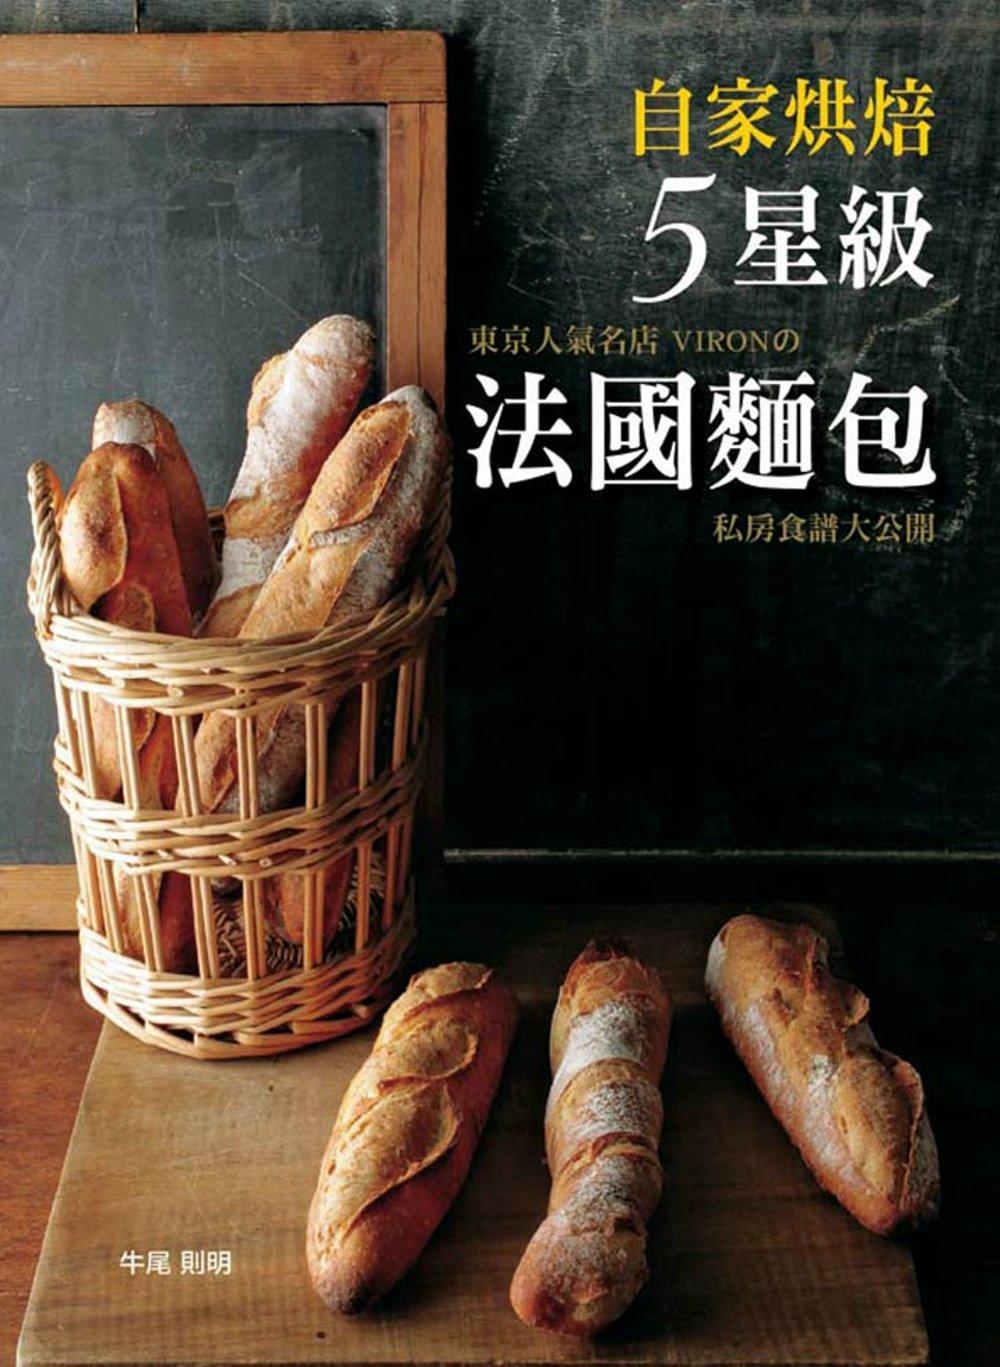 自家烘焙5星級法國麵包!東京 名店VIRONの私房食譜大公開